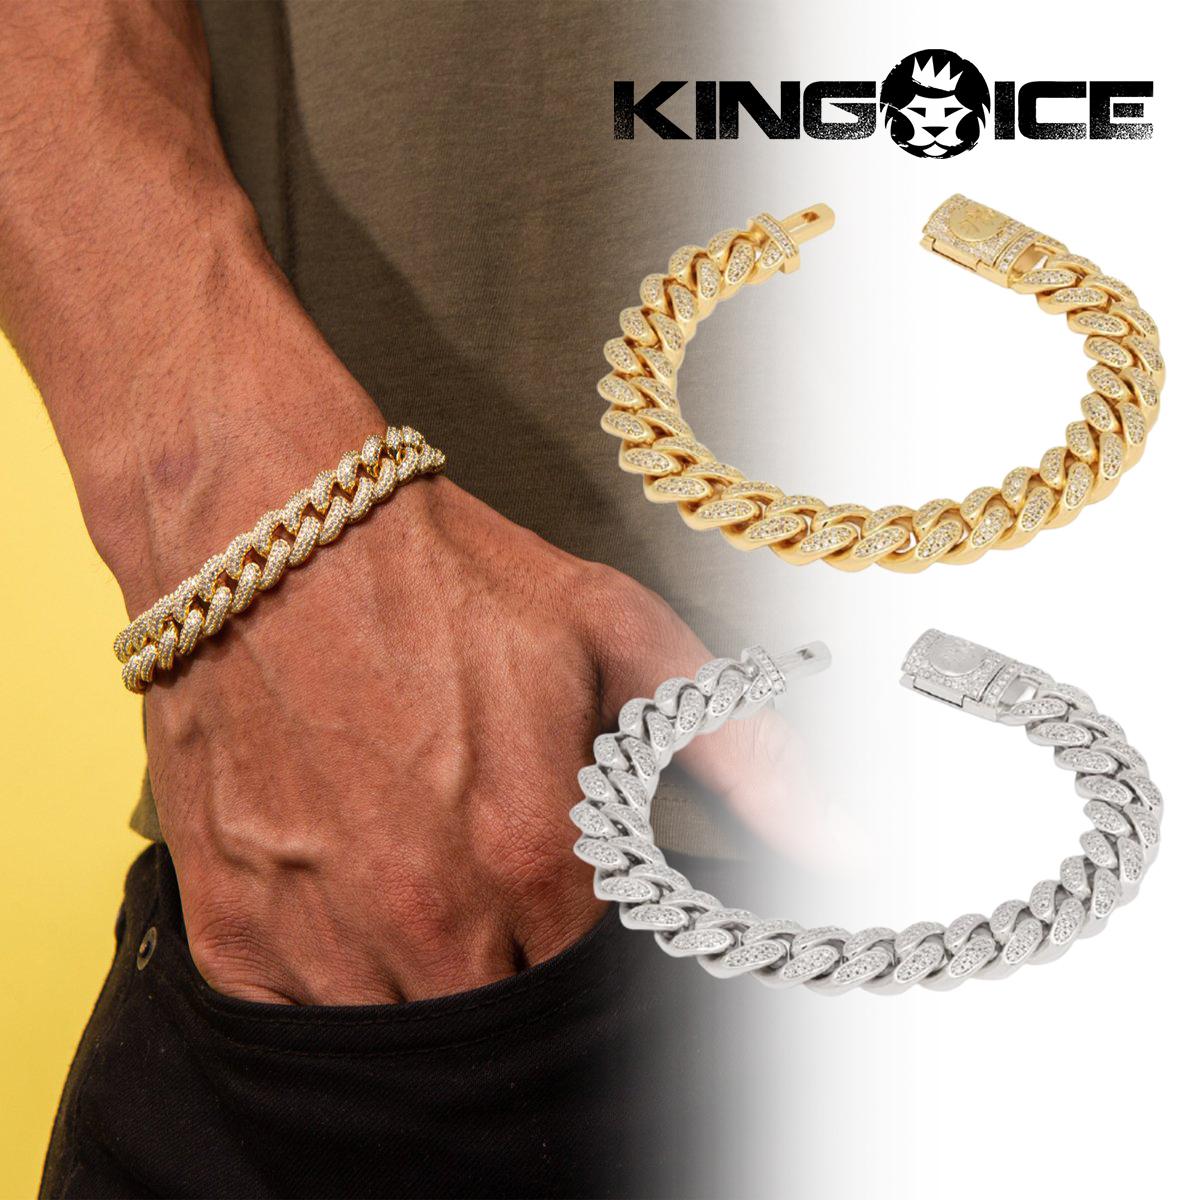 送料無料 アウトレット KING ICE キングアイス ブレスレット 12MM ICED MIAMI メンズ 14Kゴールドメッキ 新作入荷 ホワイトゴールドメッキ CUBAN BRACELET 人気 ブランド アクセサリー